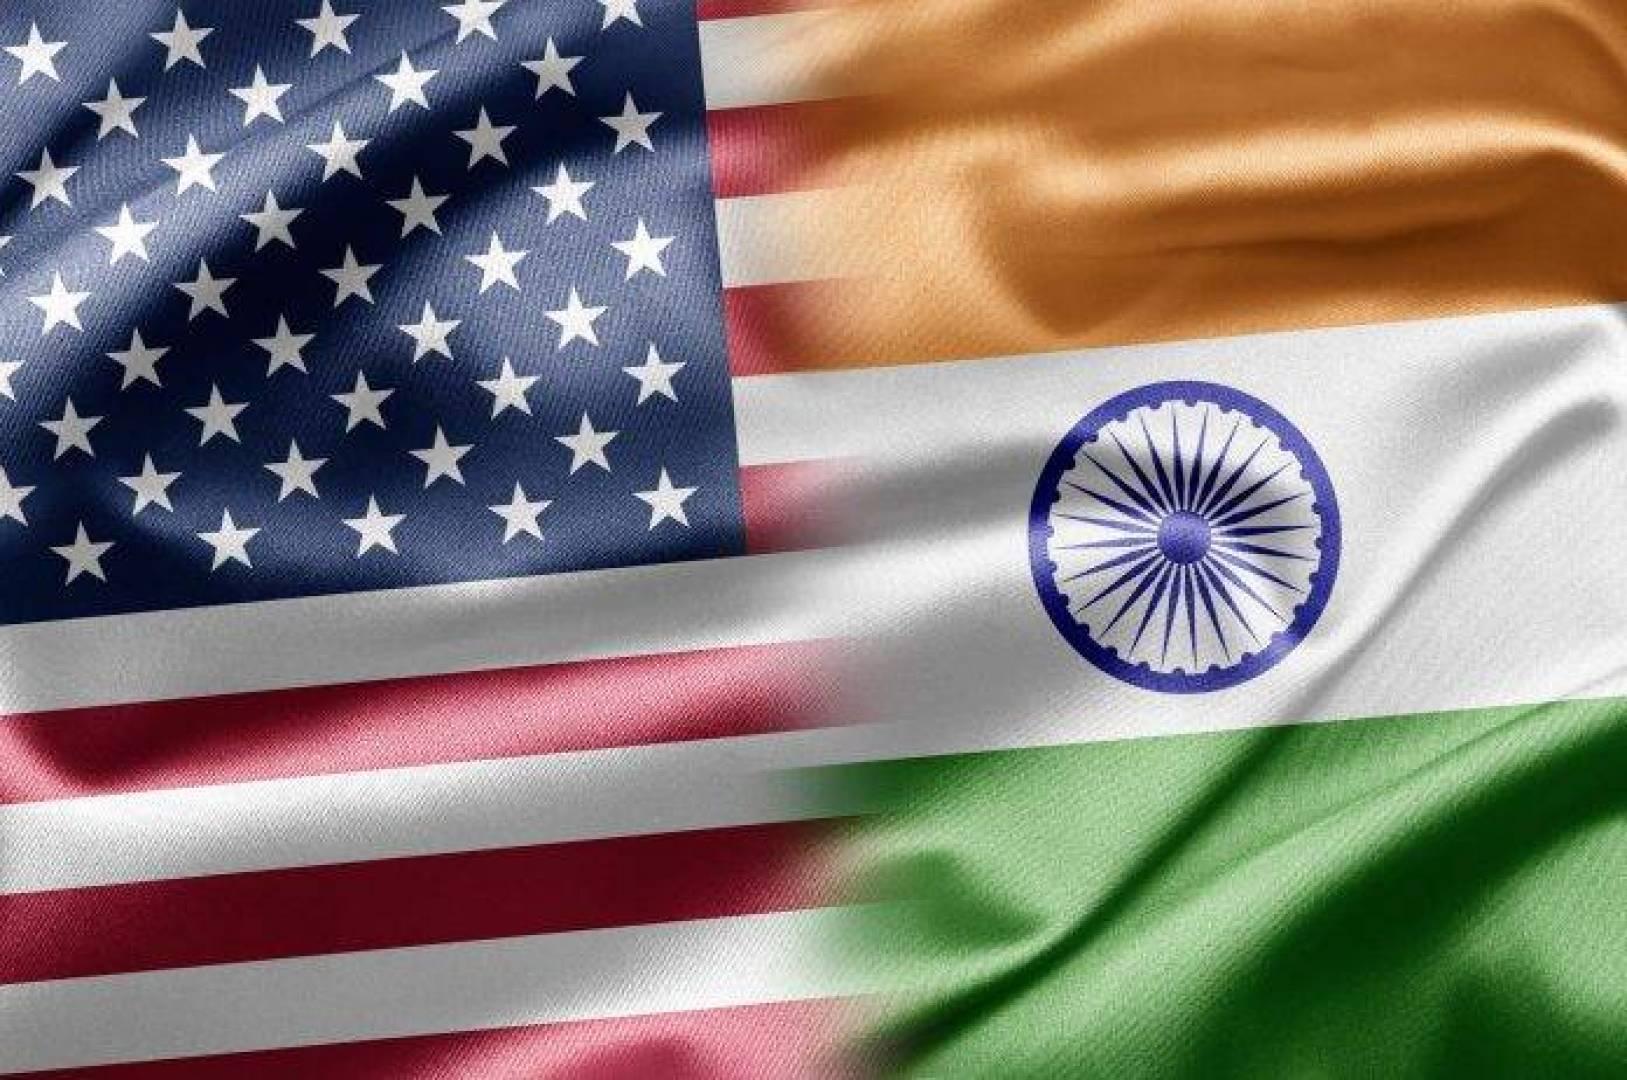 الهند ستوقع اتفاقاً مع أميركا لتبادل بيانات الأقمار الصناعية